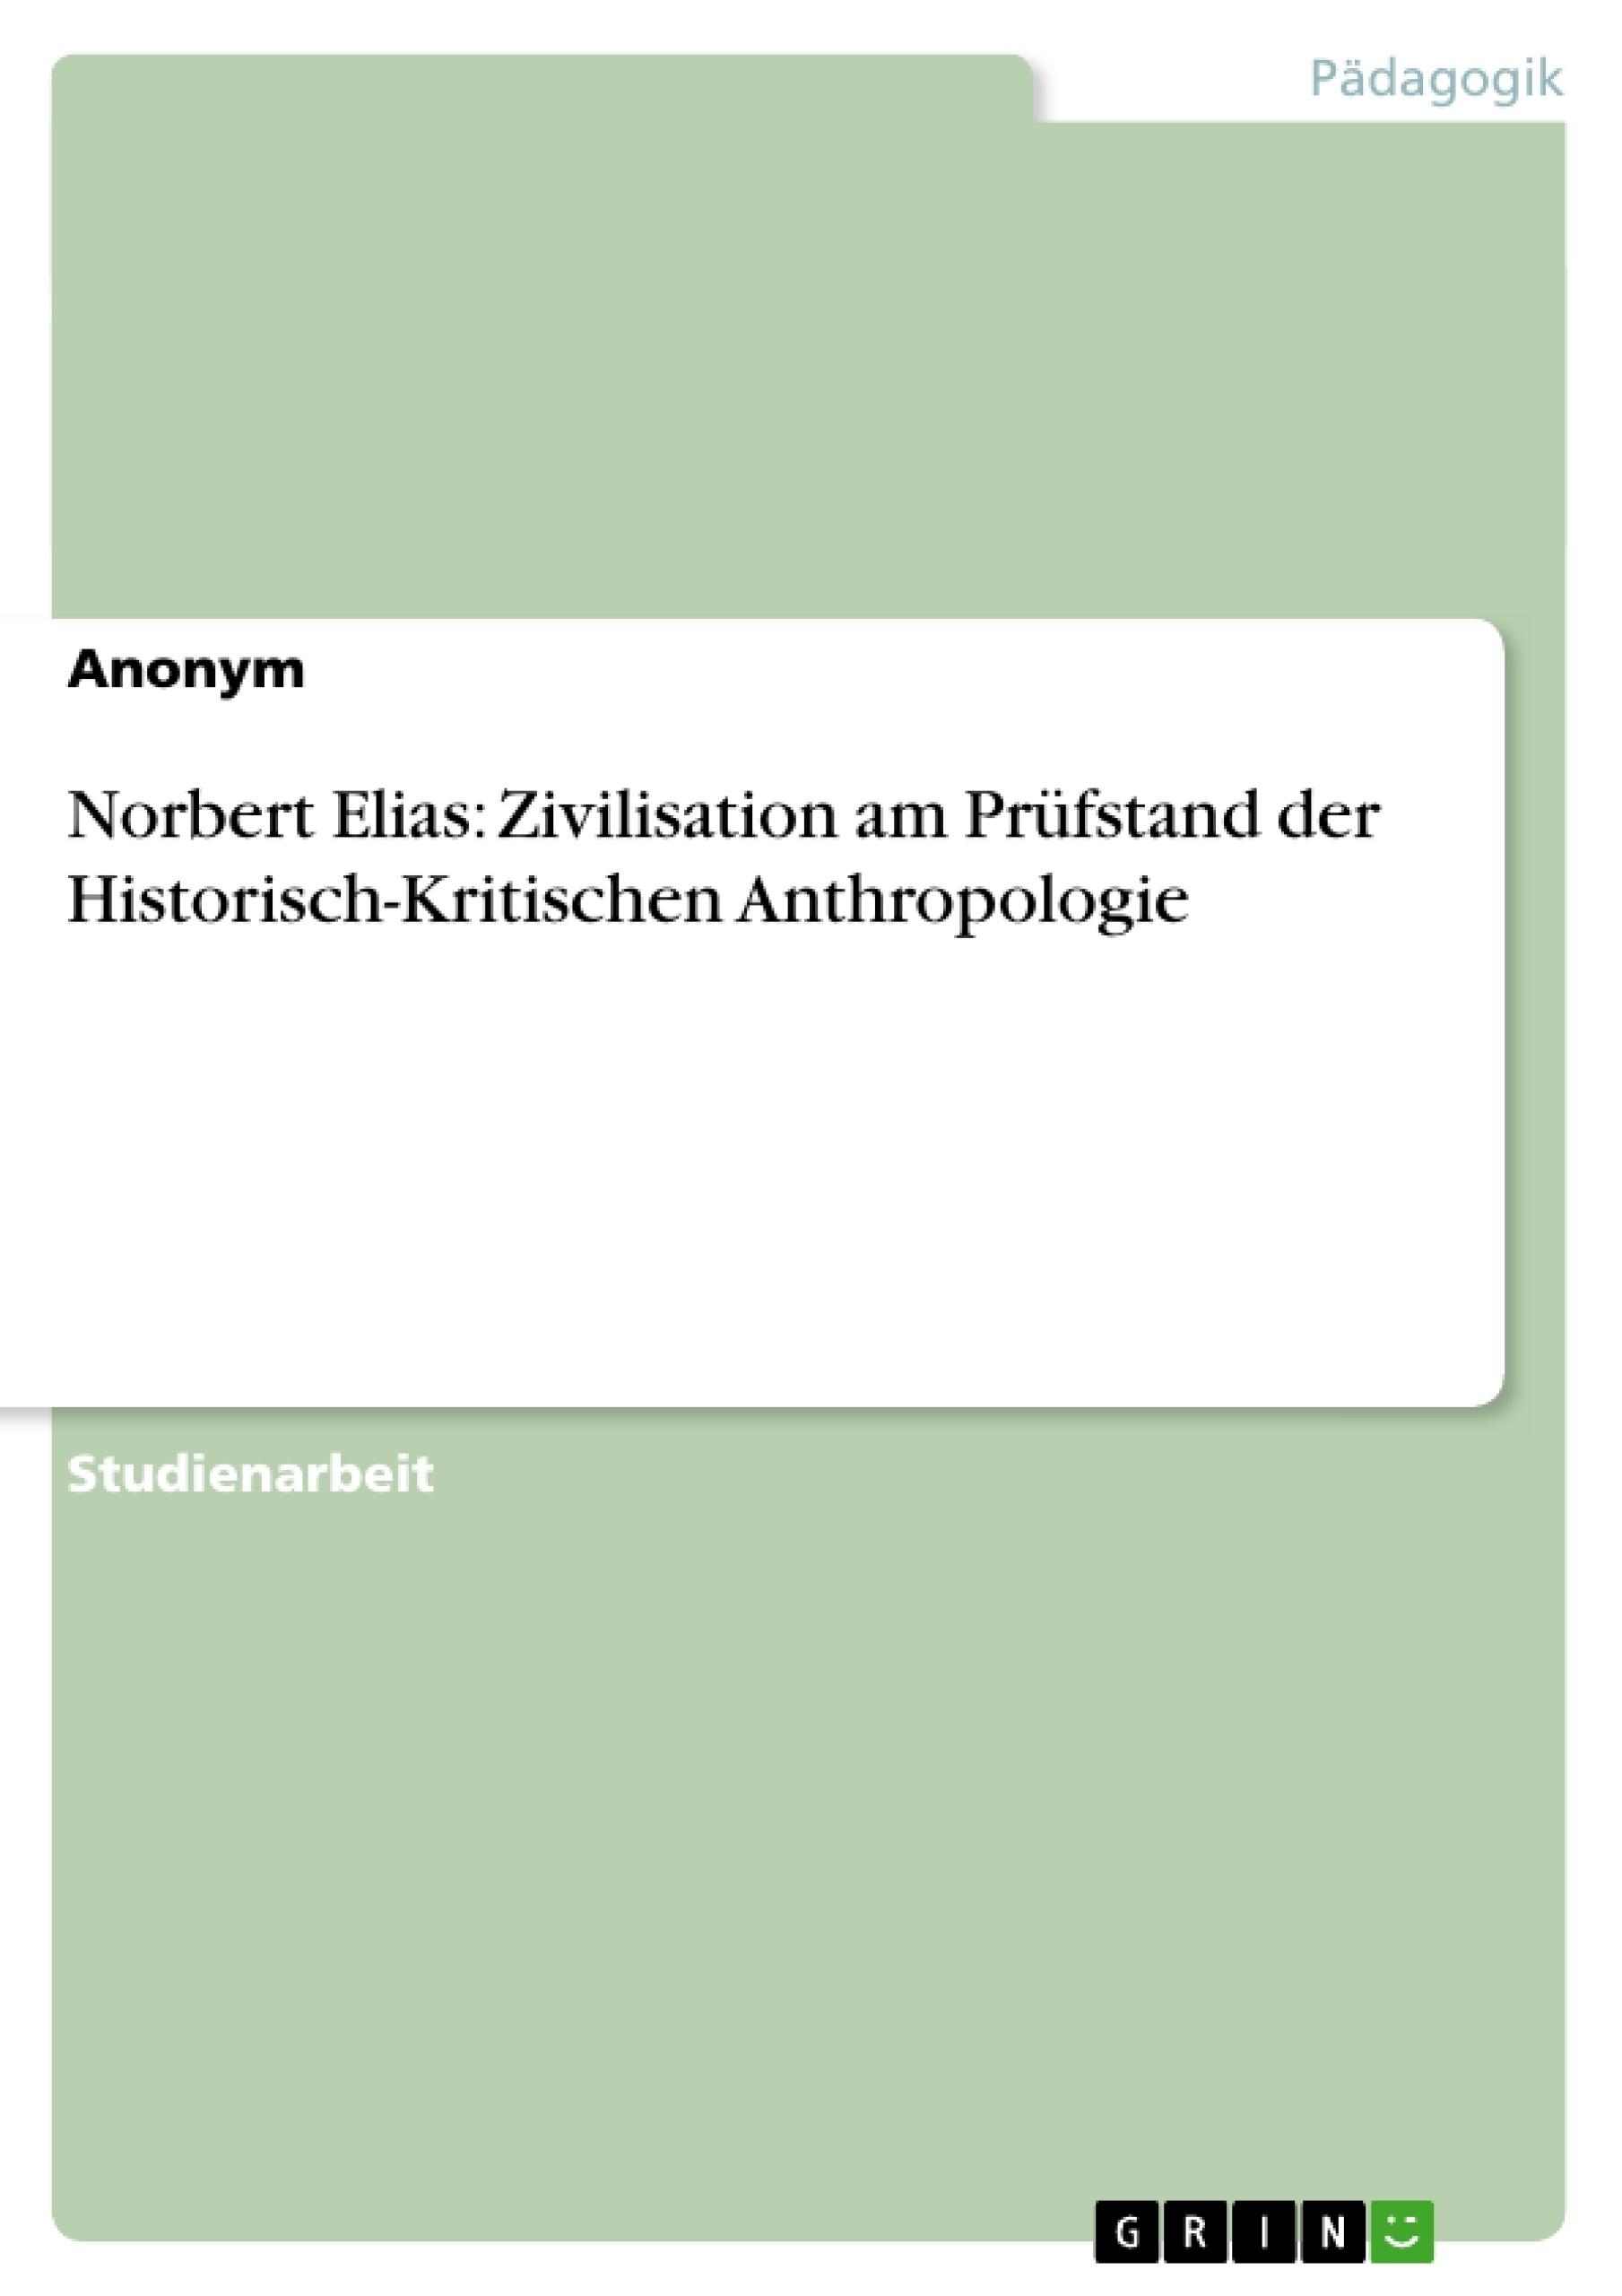 Titel: Norbert Elias: Zivilisation am Prüfstand der Historisch-Kritischen Anthropologie